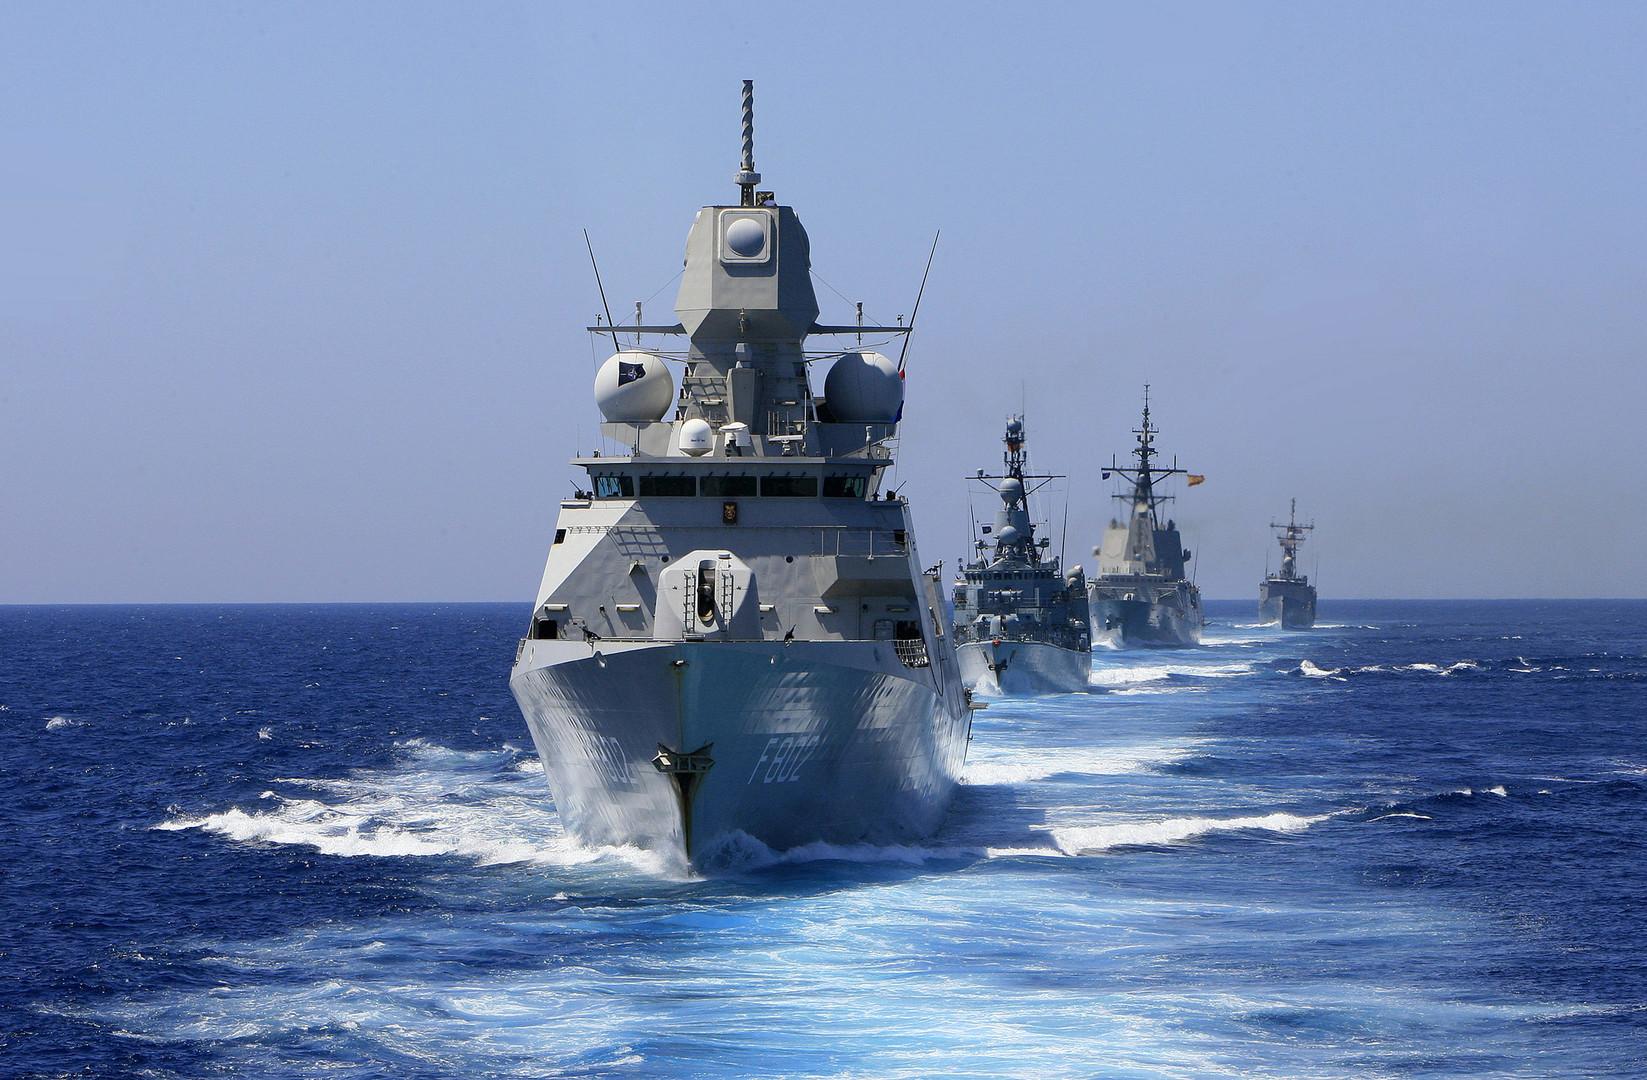 Neue NATO-Basis soll auch EU im Mittelmeer unterstützen